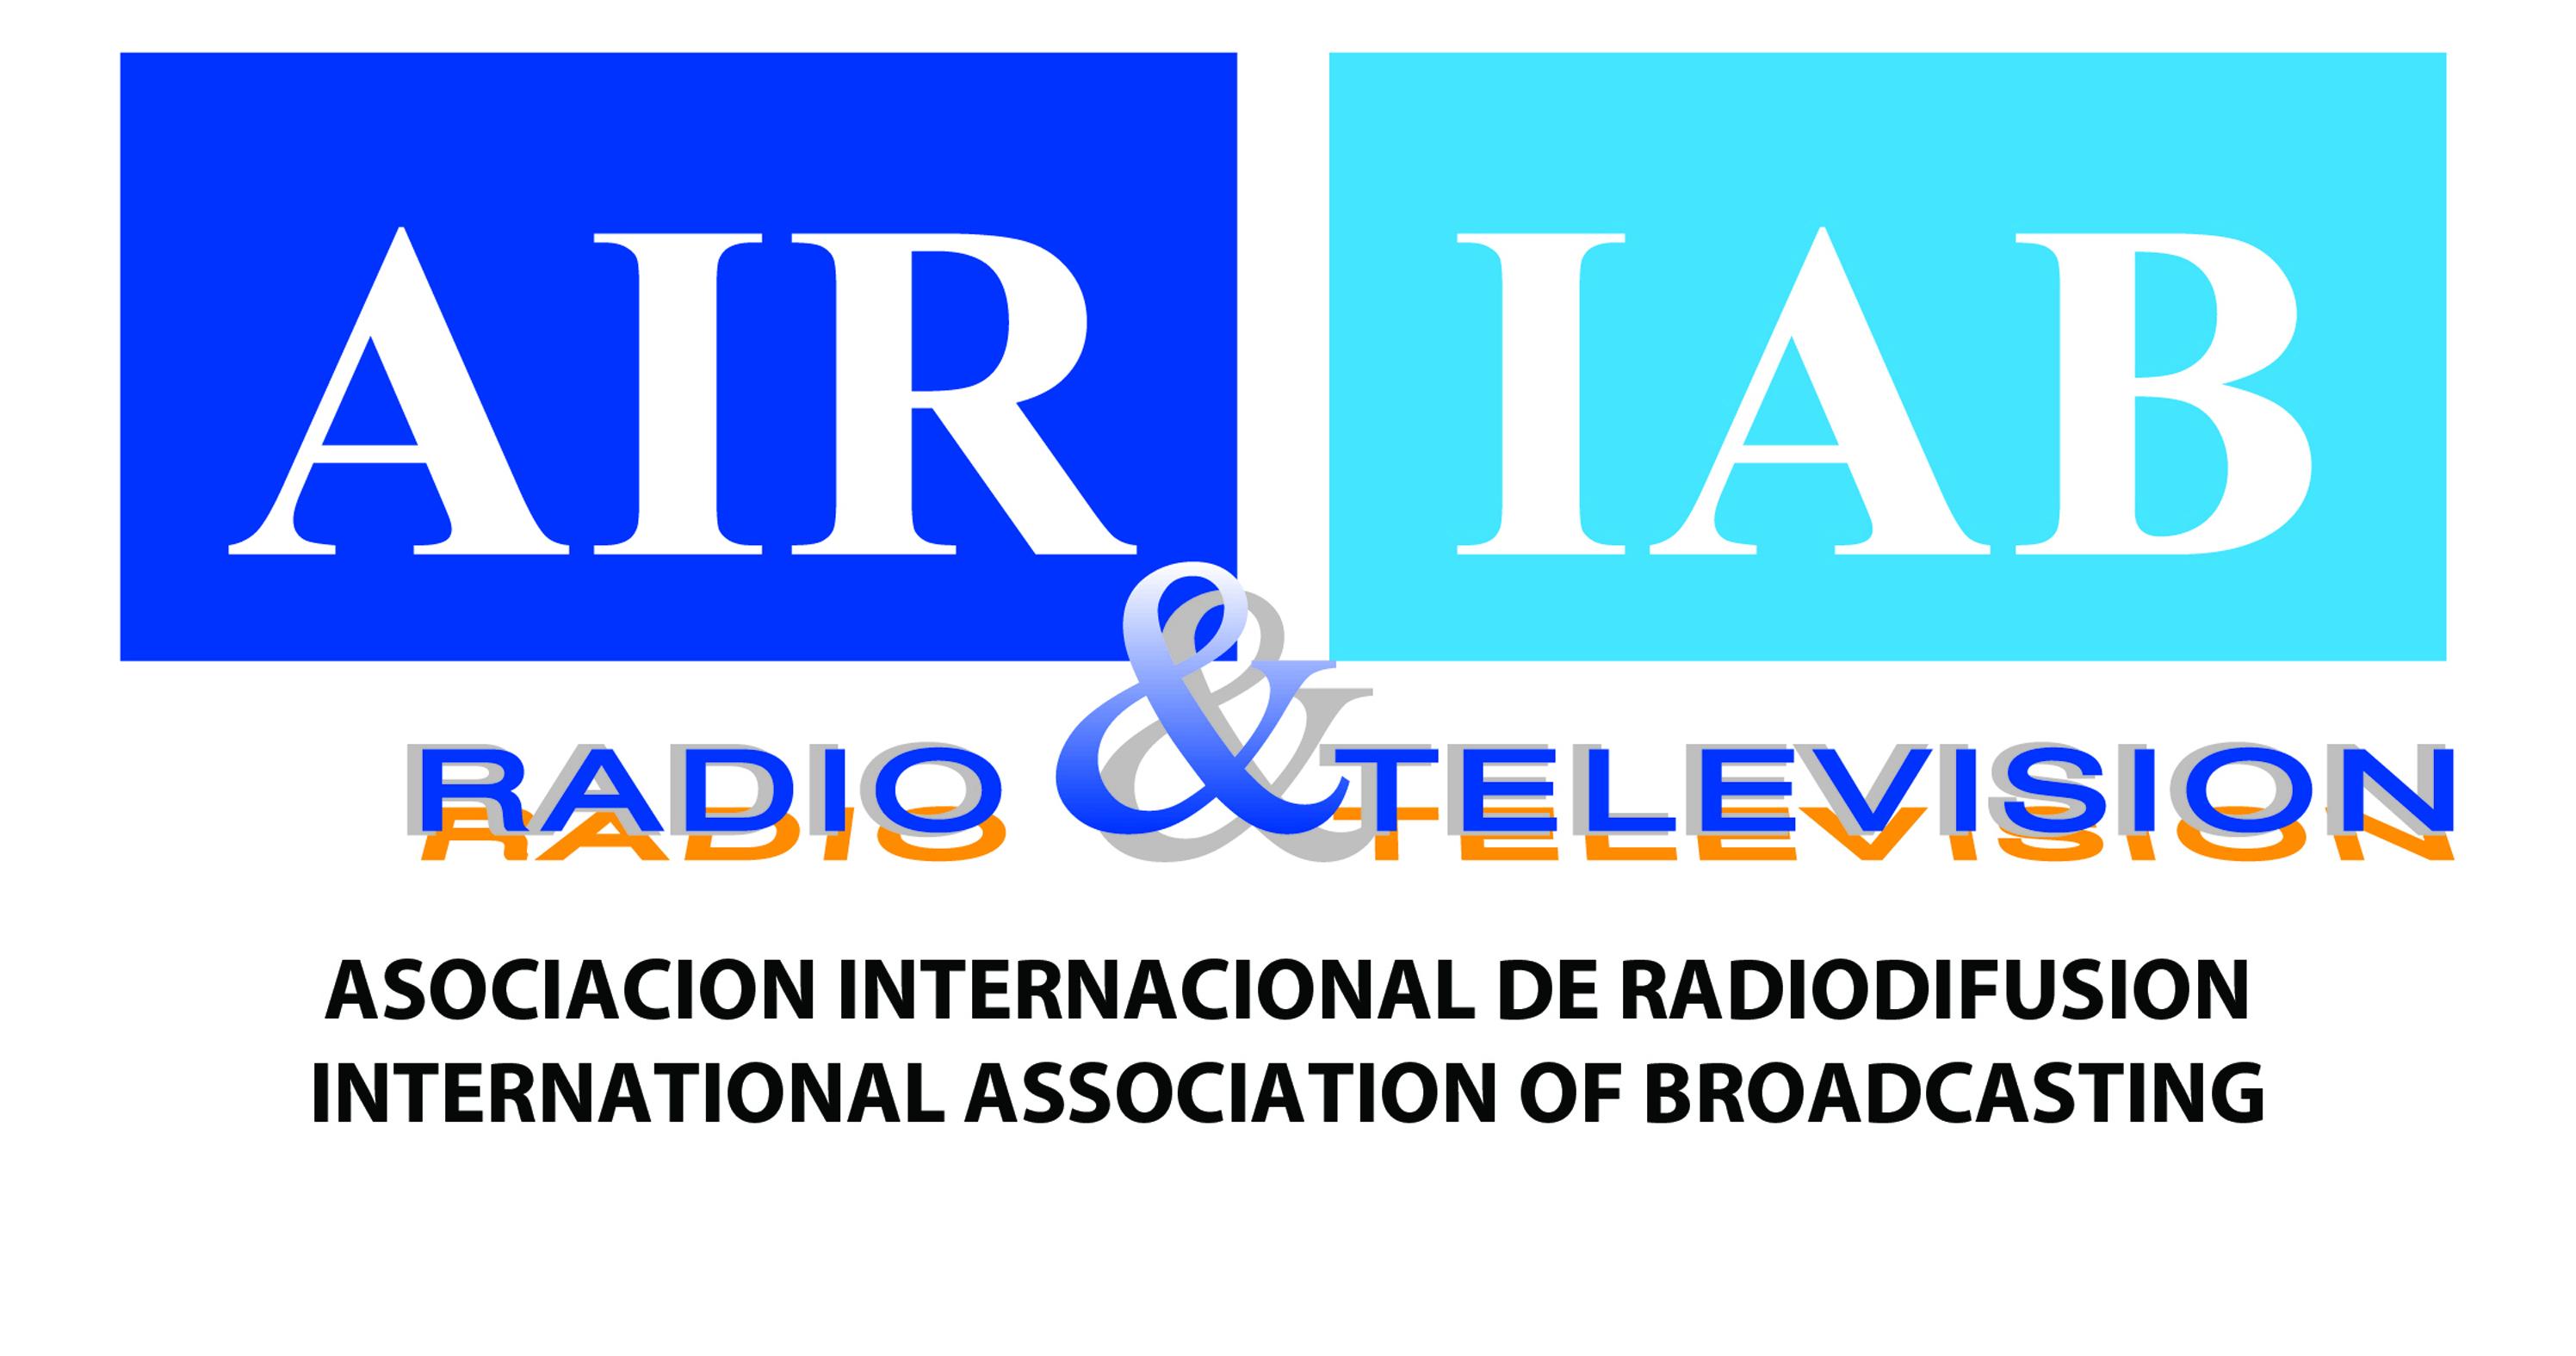 La Asociación Internacional de Radiodifusión – AIR expresa su consternación ante violaciones de la Libertad de Expresión en Venezuela.